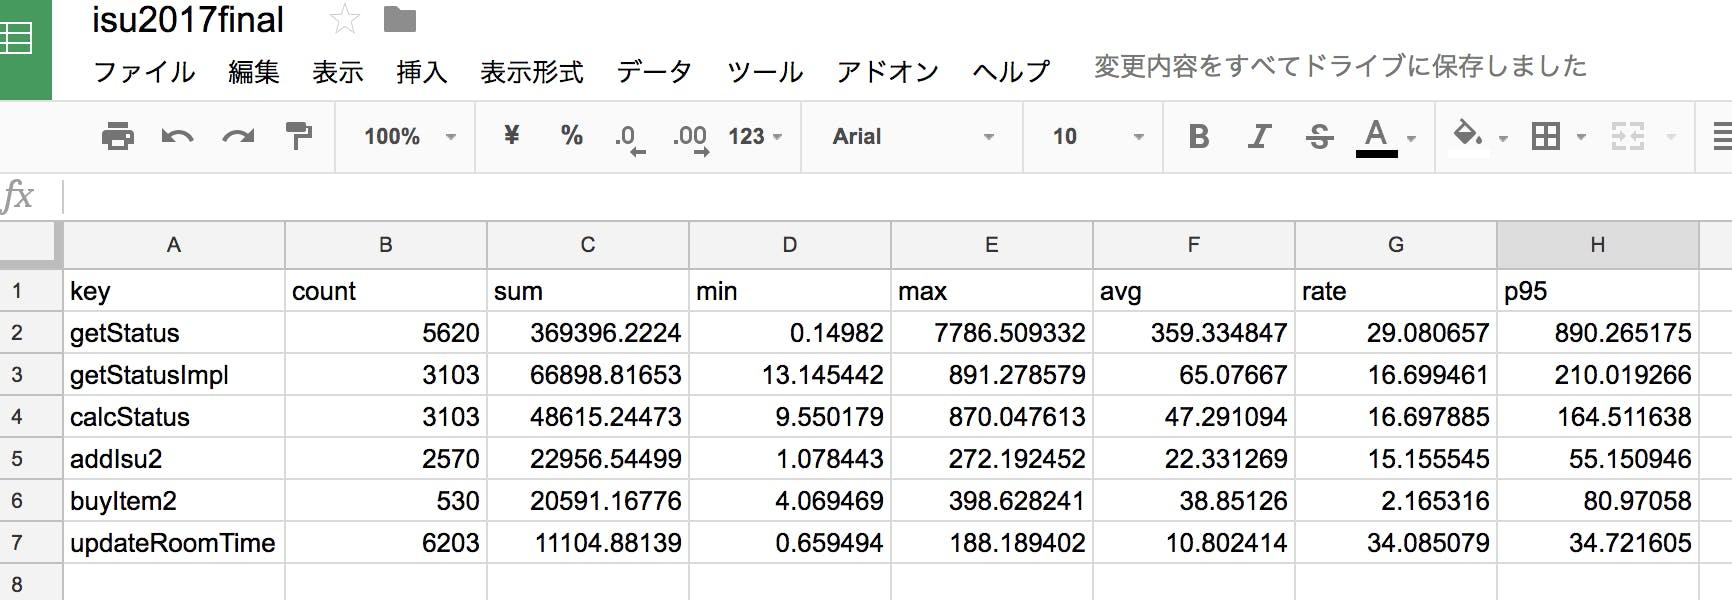 スクリーンショット 2017-12-04 20.59.37.png